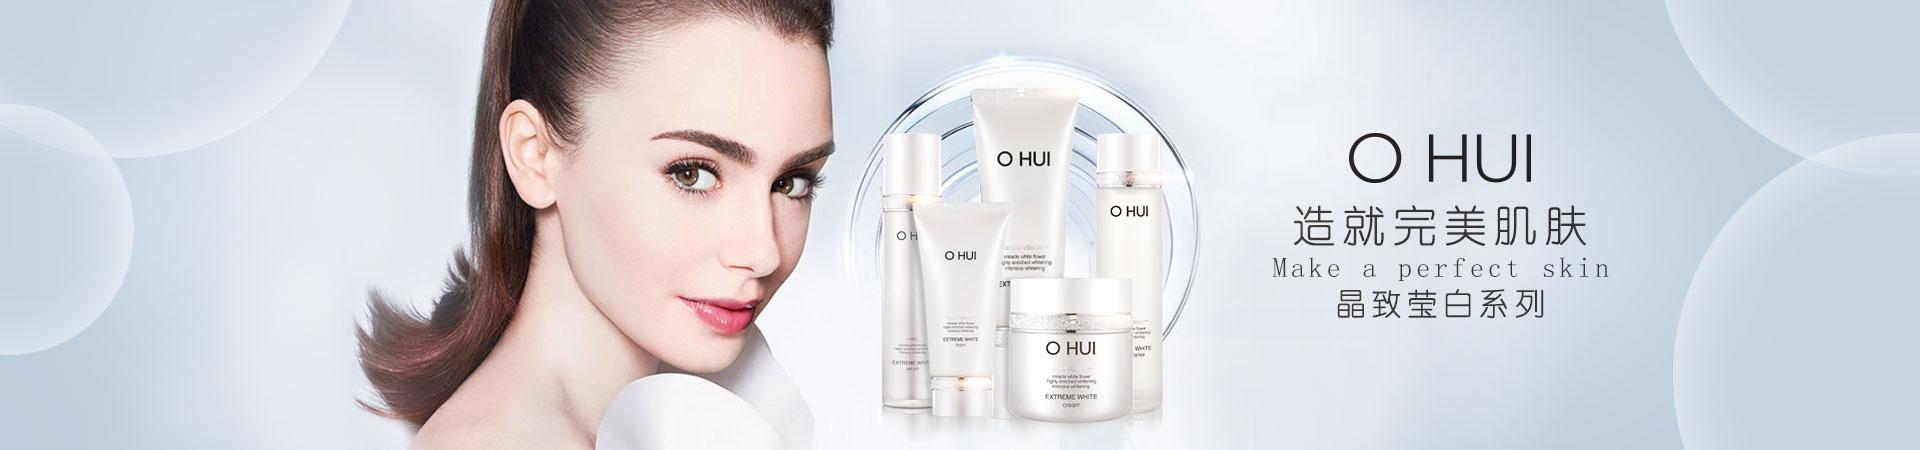 韩国人气品牌 欧惠OHUI尖端科学的美丽献礼